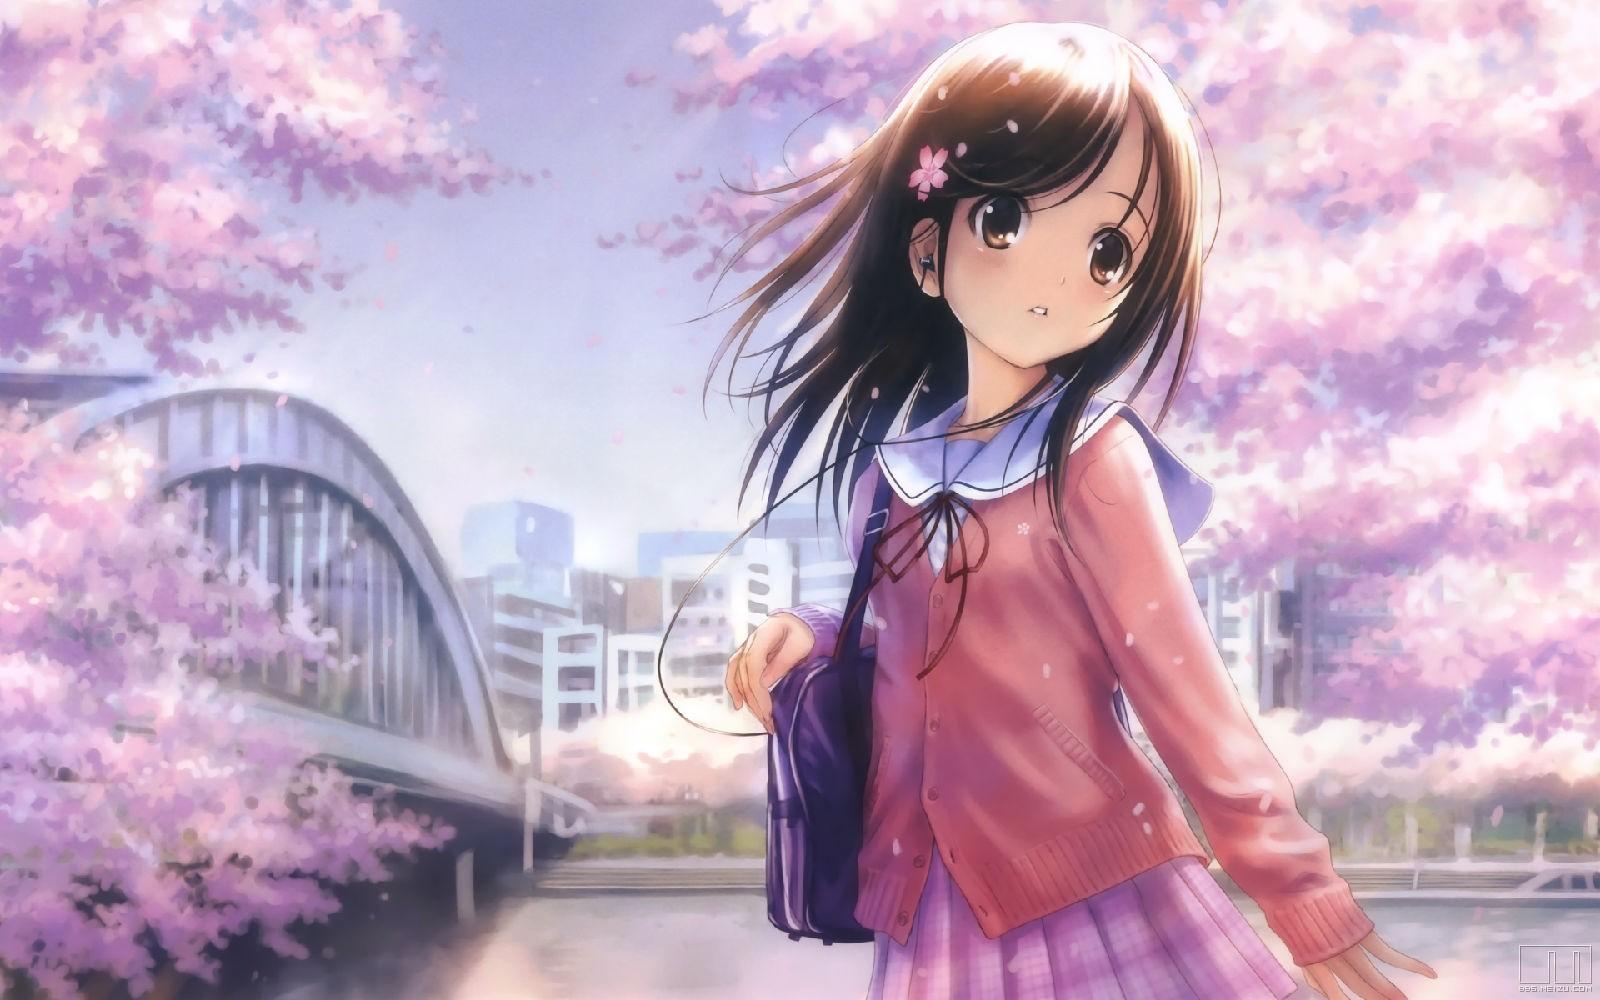 一个色集_大概是一个穿着粉红色外套的日本校服女孩,脸上很悲伤,背景有樱花&